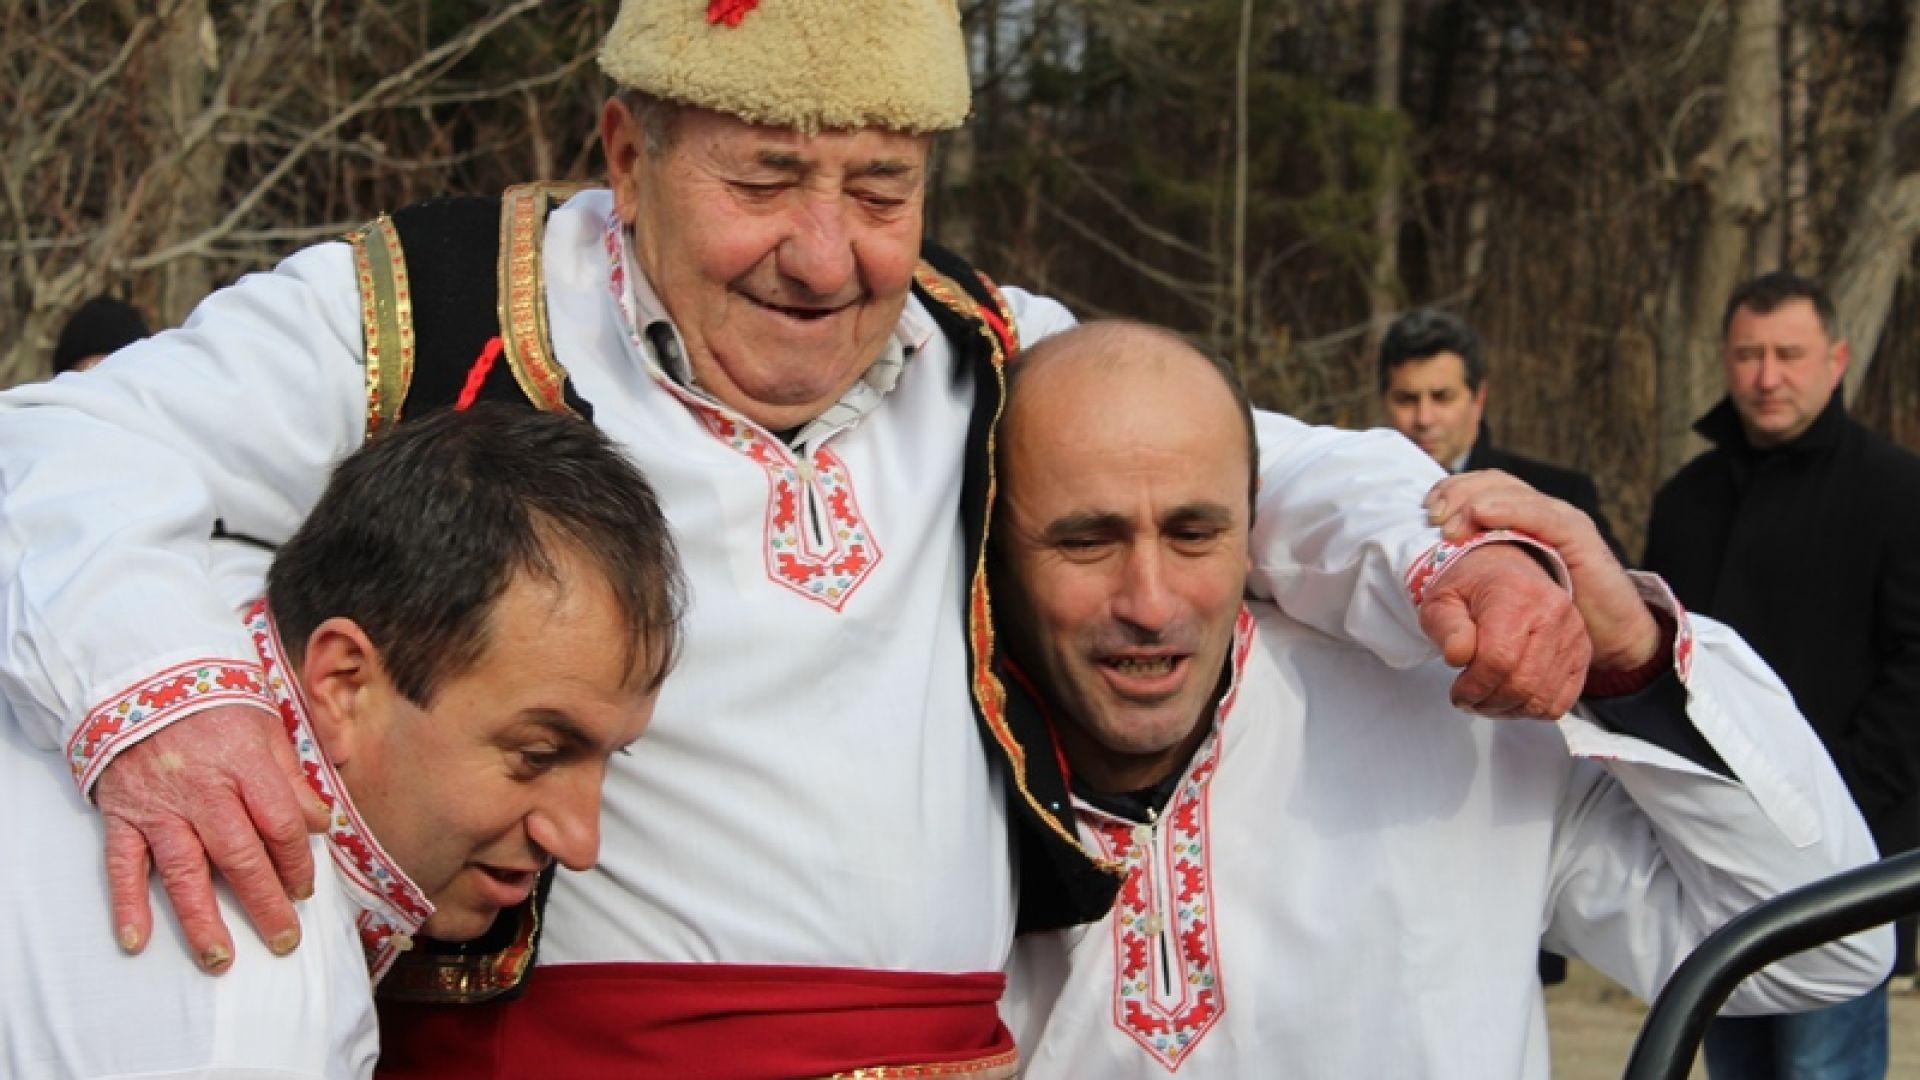 Ден след Бабинден в Черешово празнуваха и Дядовден (снимки)